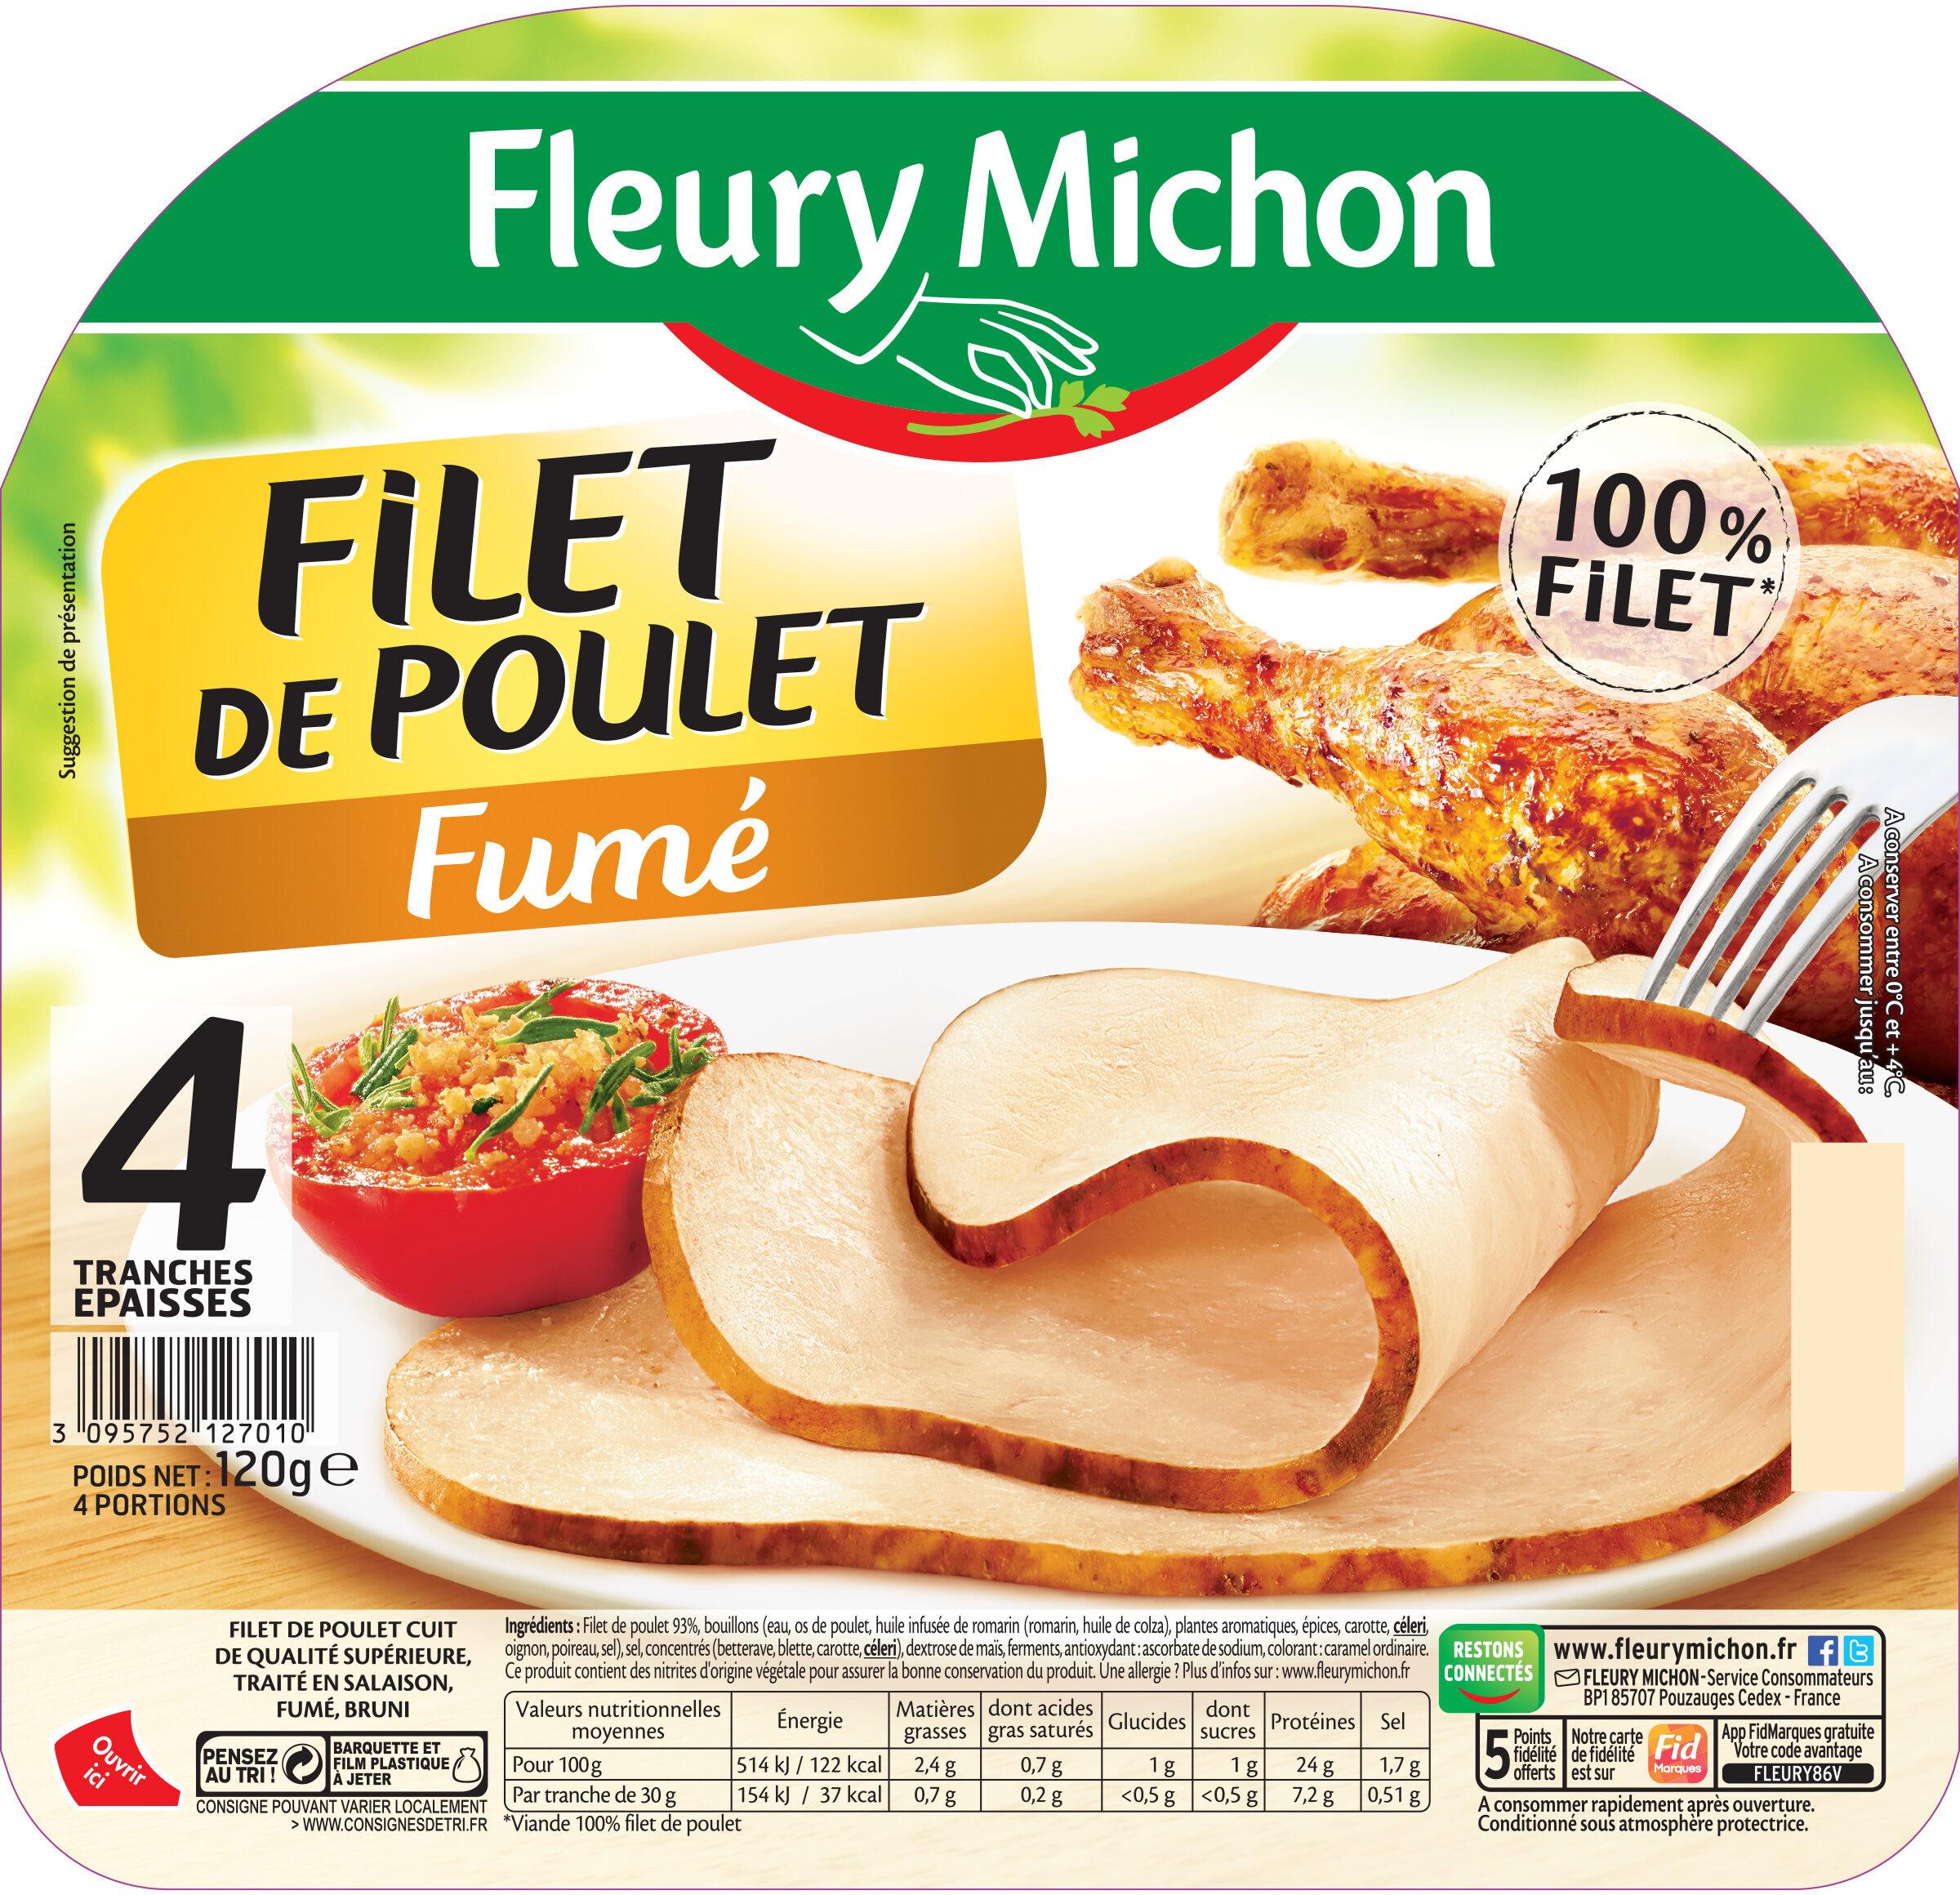 Filet de poulet fumé - 4 tranches épaisses - Product - fr